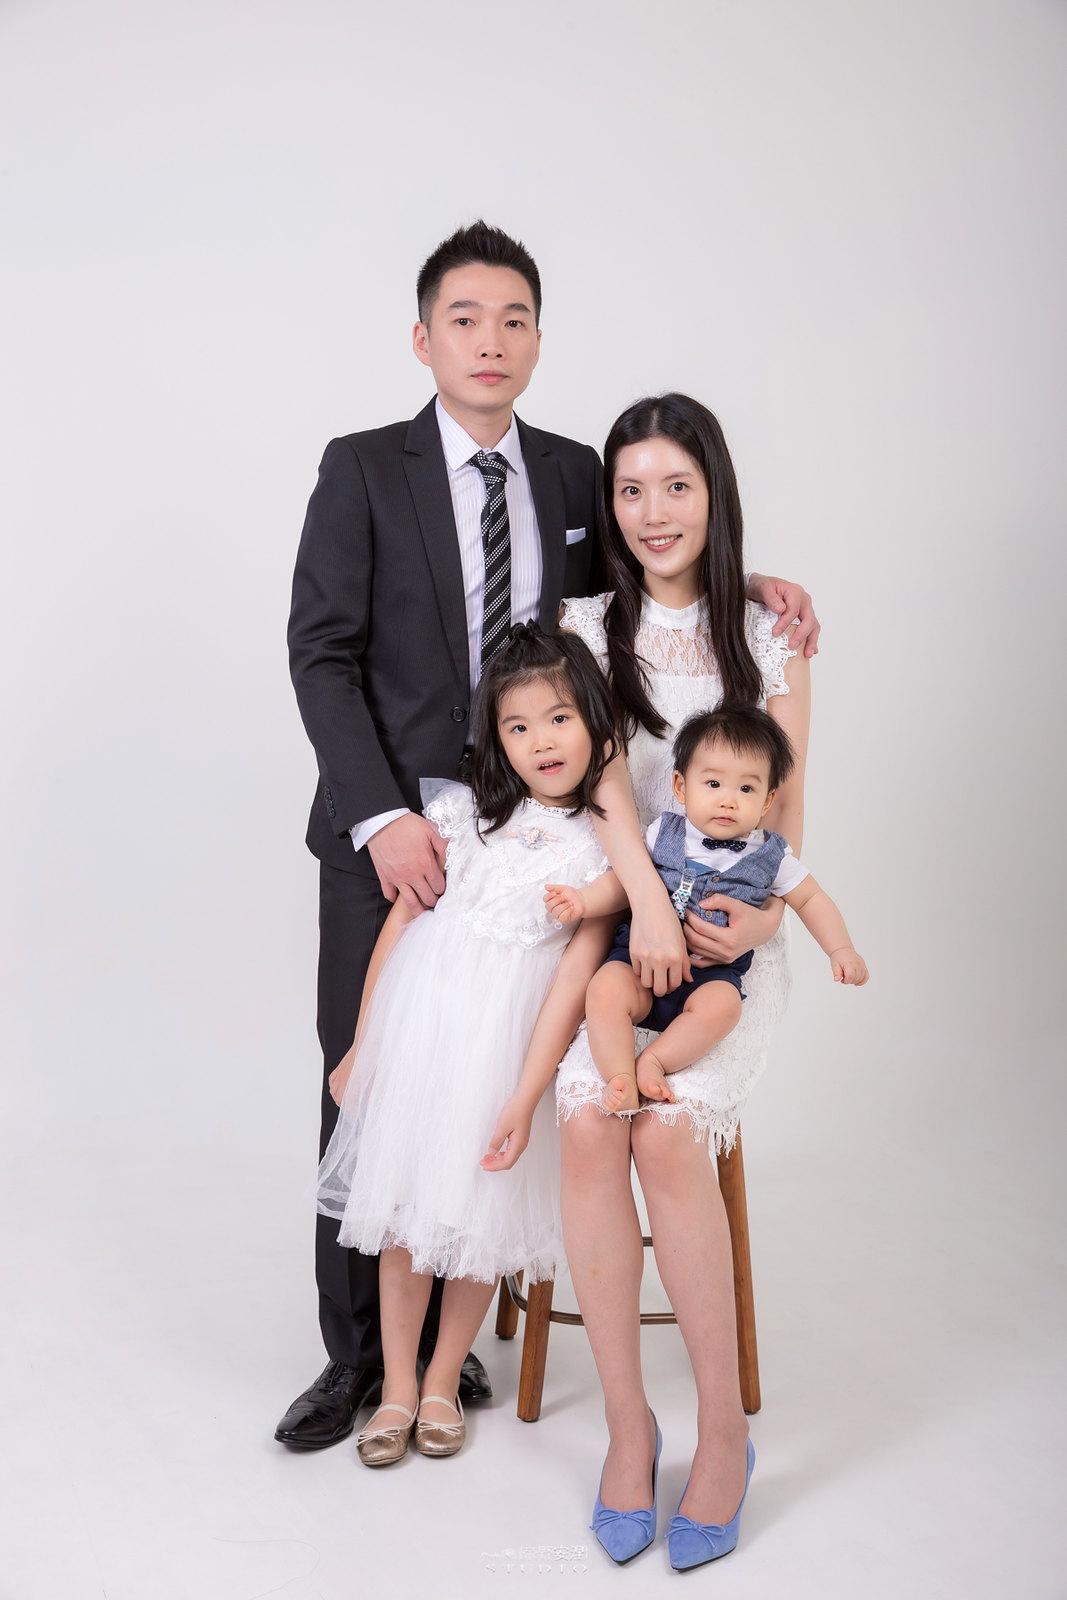 台南全家福 | 拋棄傳統合照的彆扭,忠實呈現家人間最親密的情感11